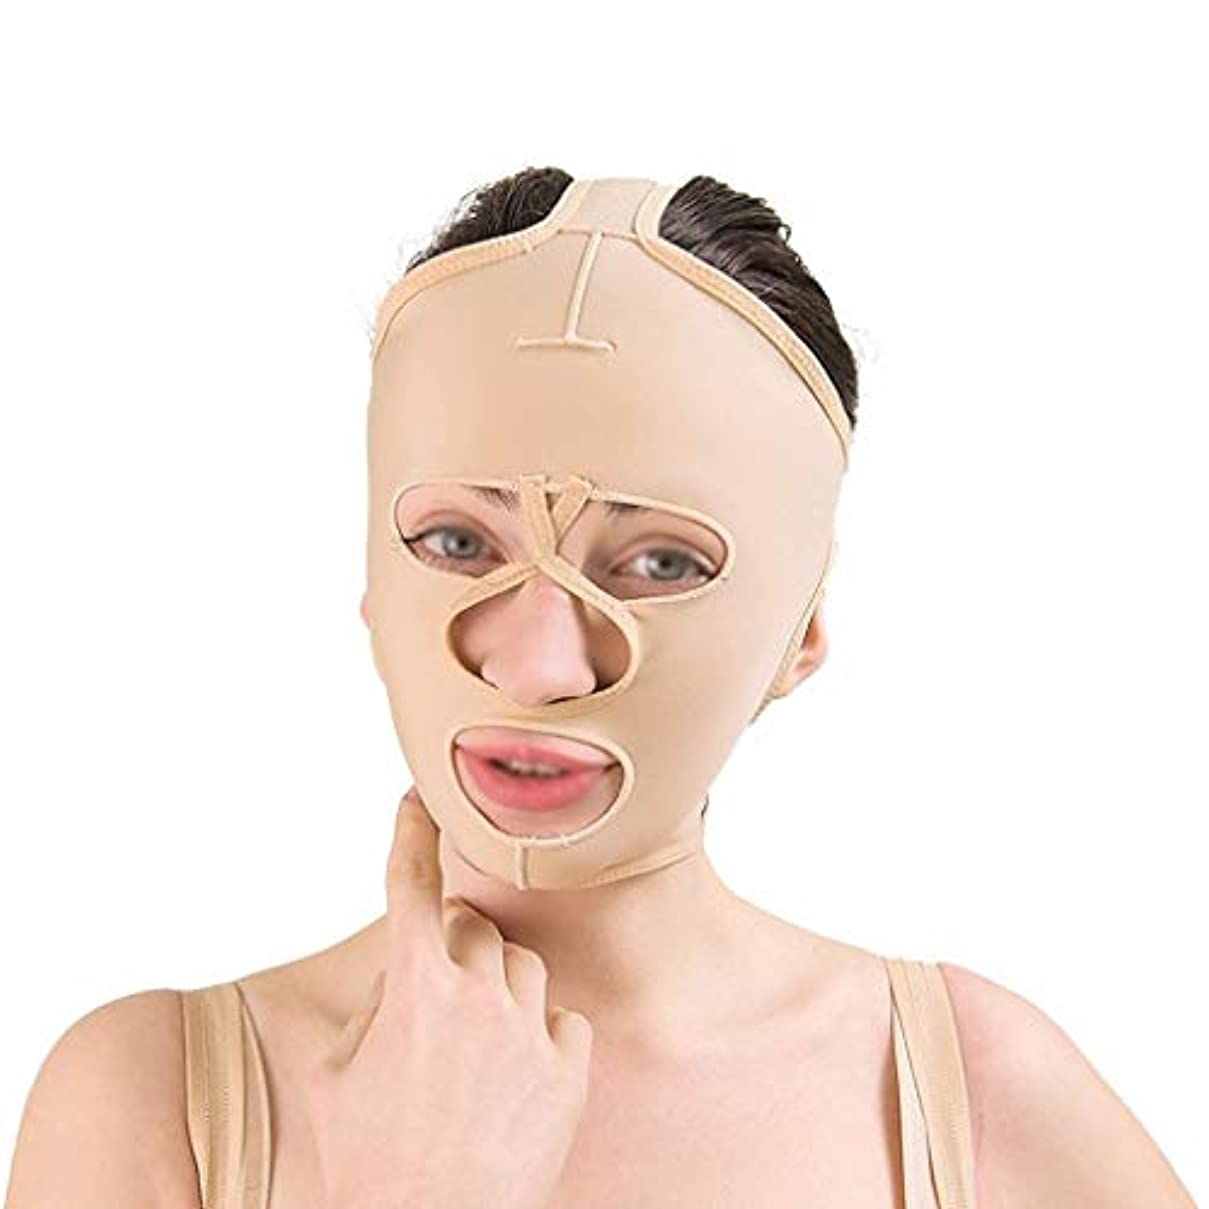 意味威信知覚するフェイシャルリフティングツール、フェイシャルビューティーリフティングマスク、通気性引き締めリフティングフェイシャル包帯、フェイシャルタイトバンデージ(サイズ:L),S